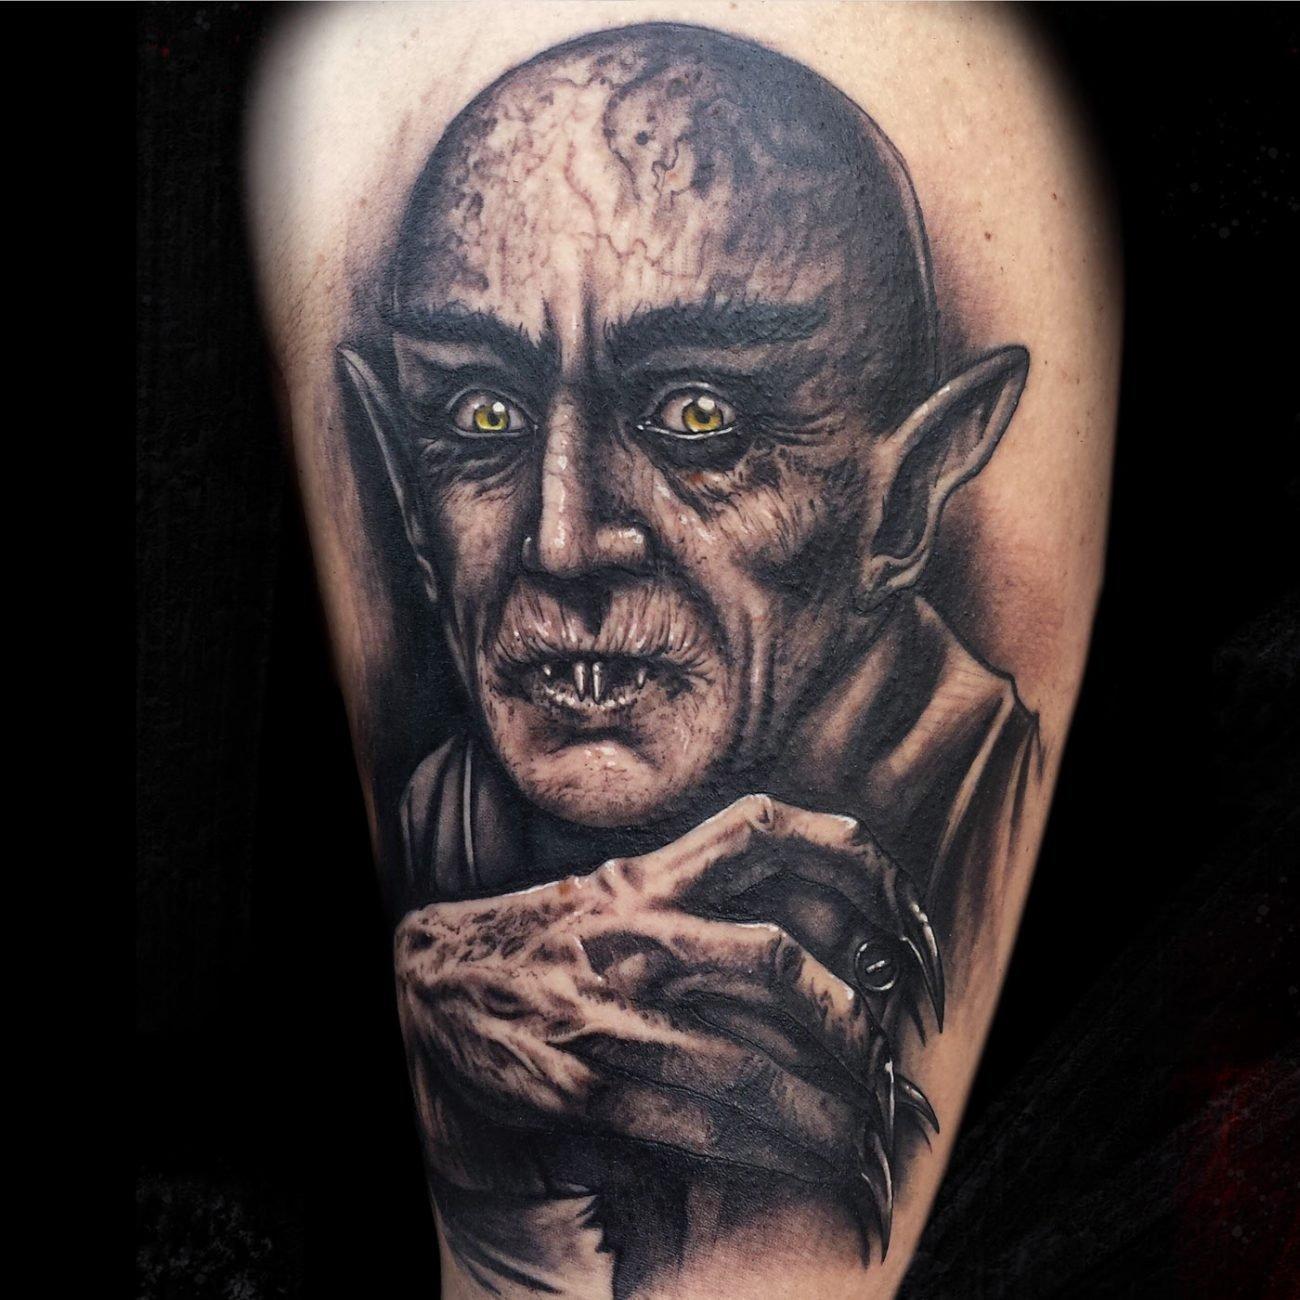 tatuaje nosferatu